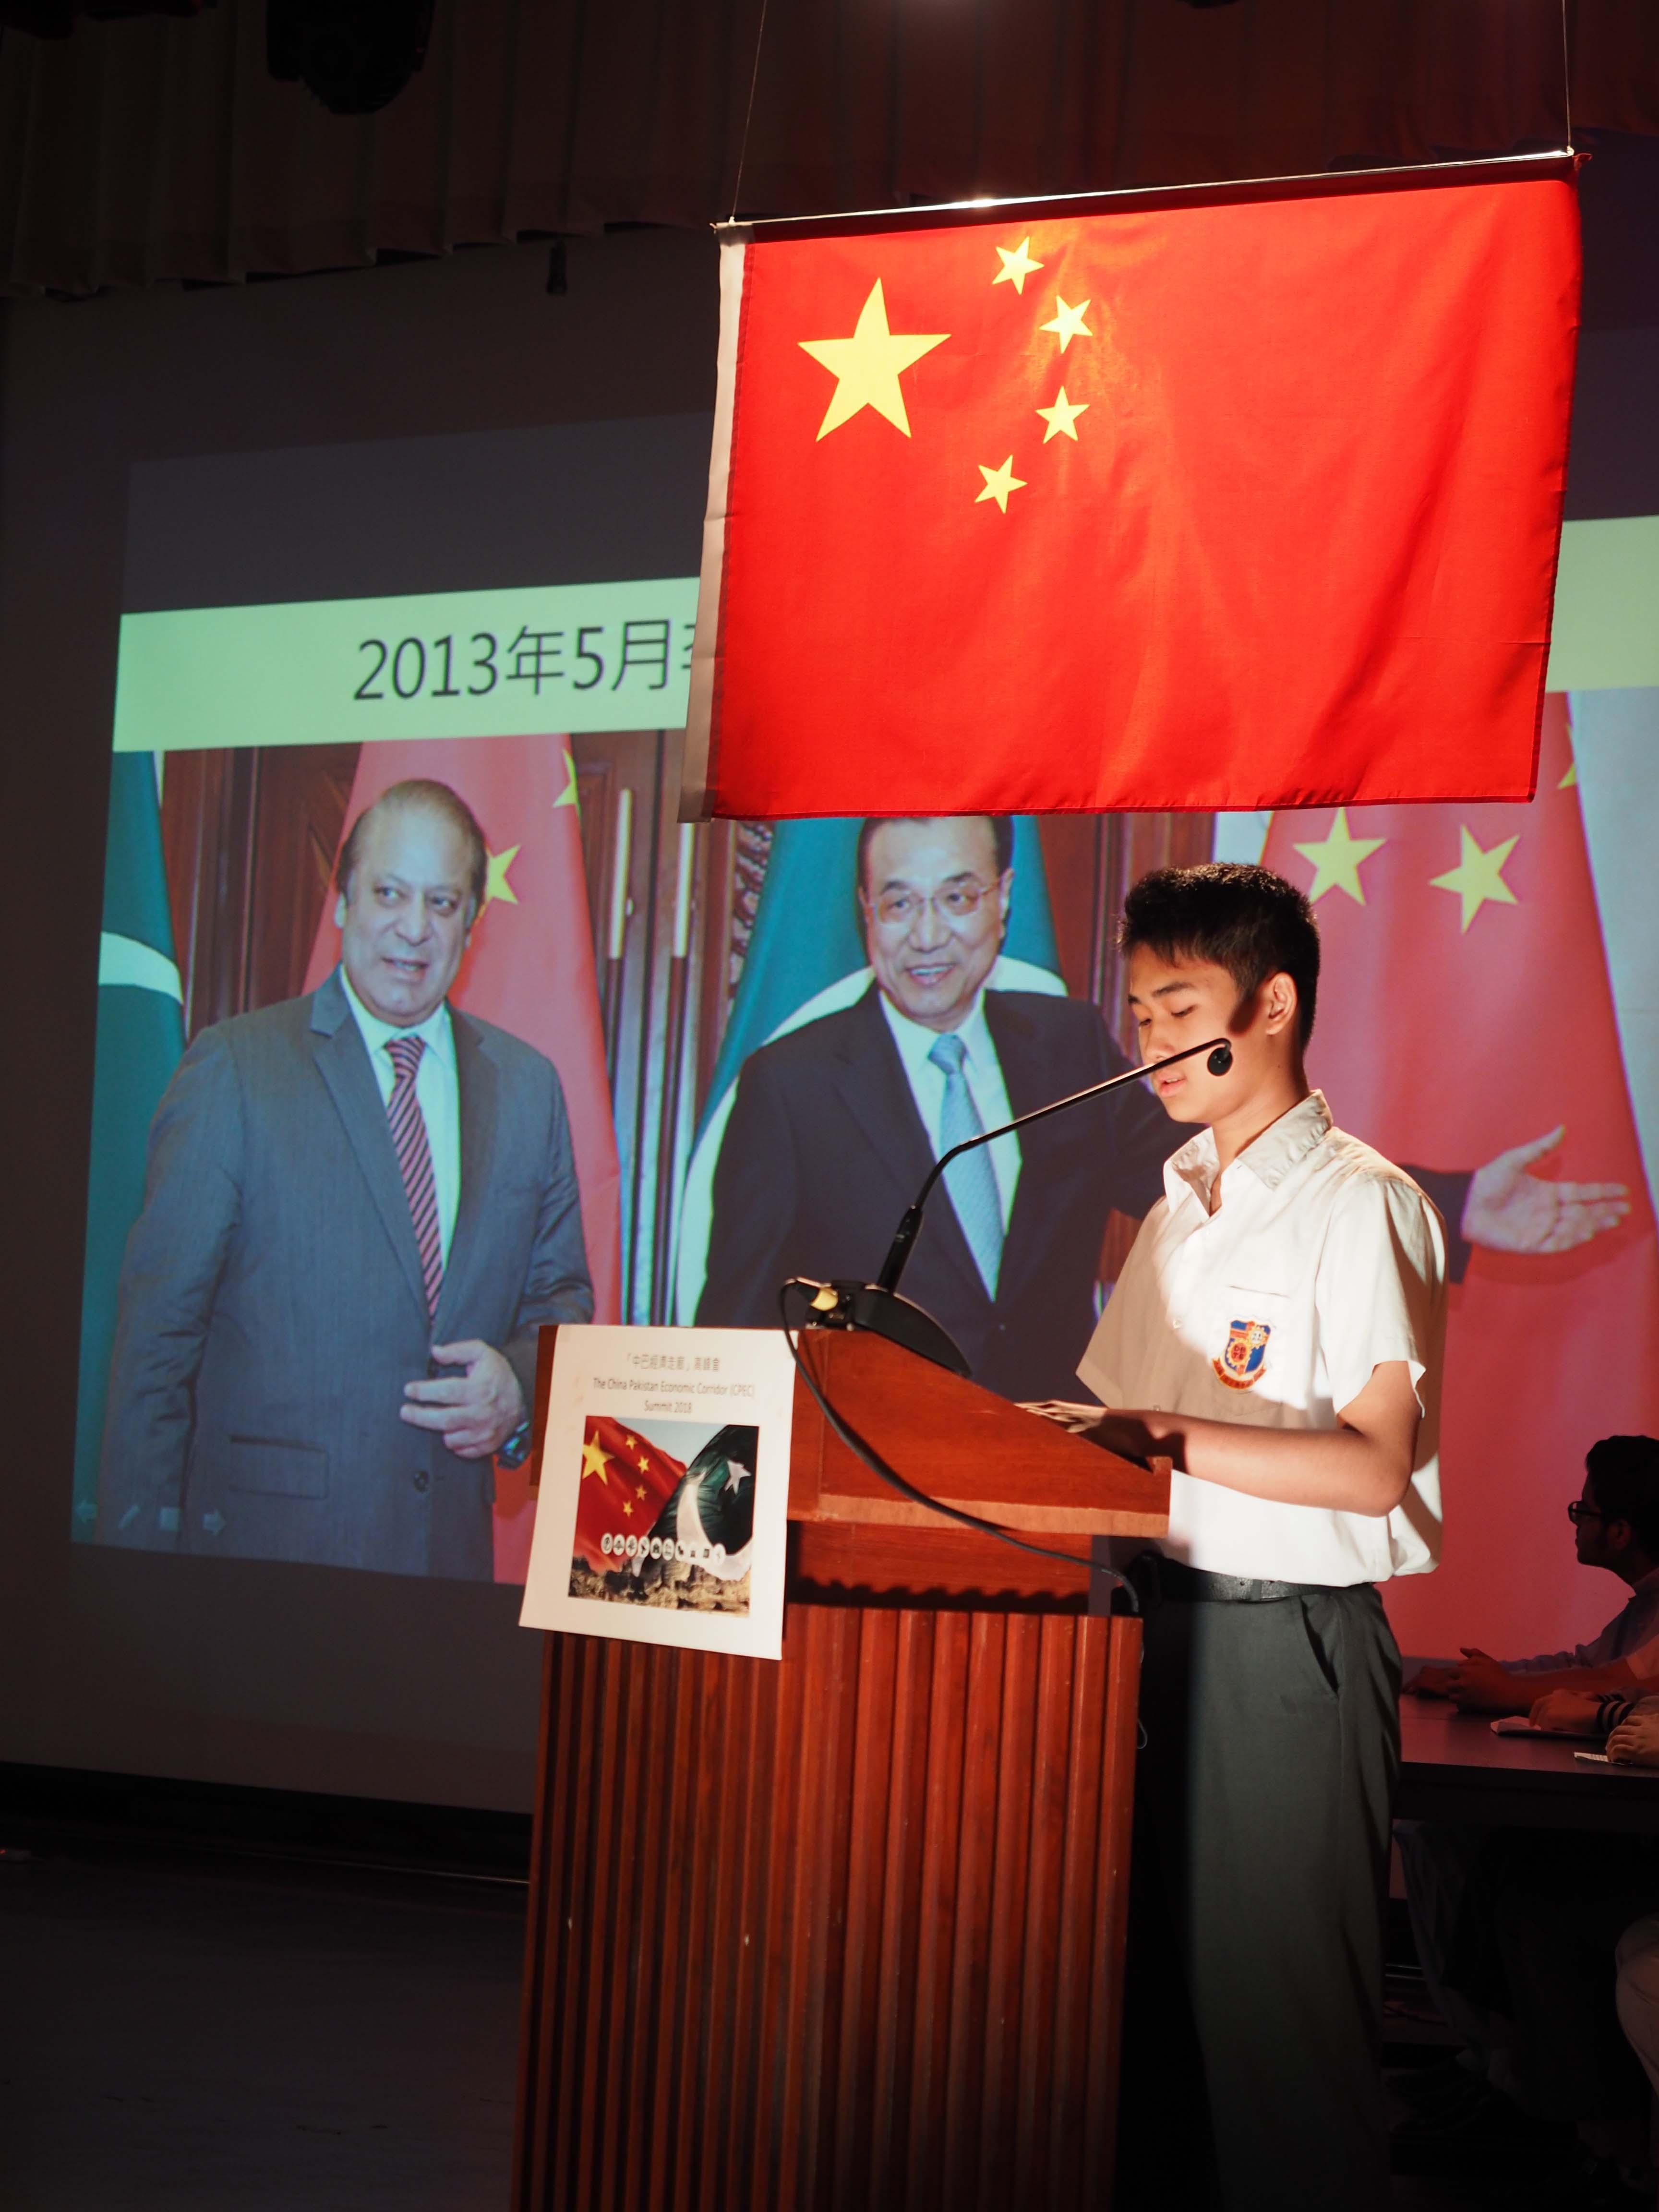 天主教慈幼會伍少梅中學的「中巴經濟走廊」高峰會活動相片20